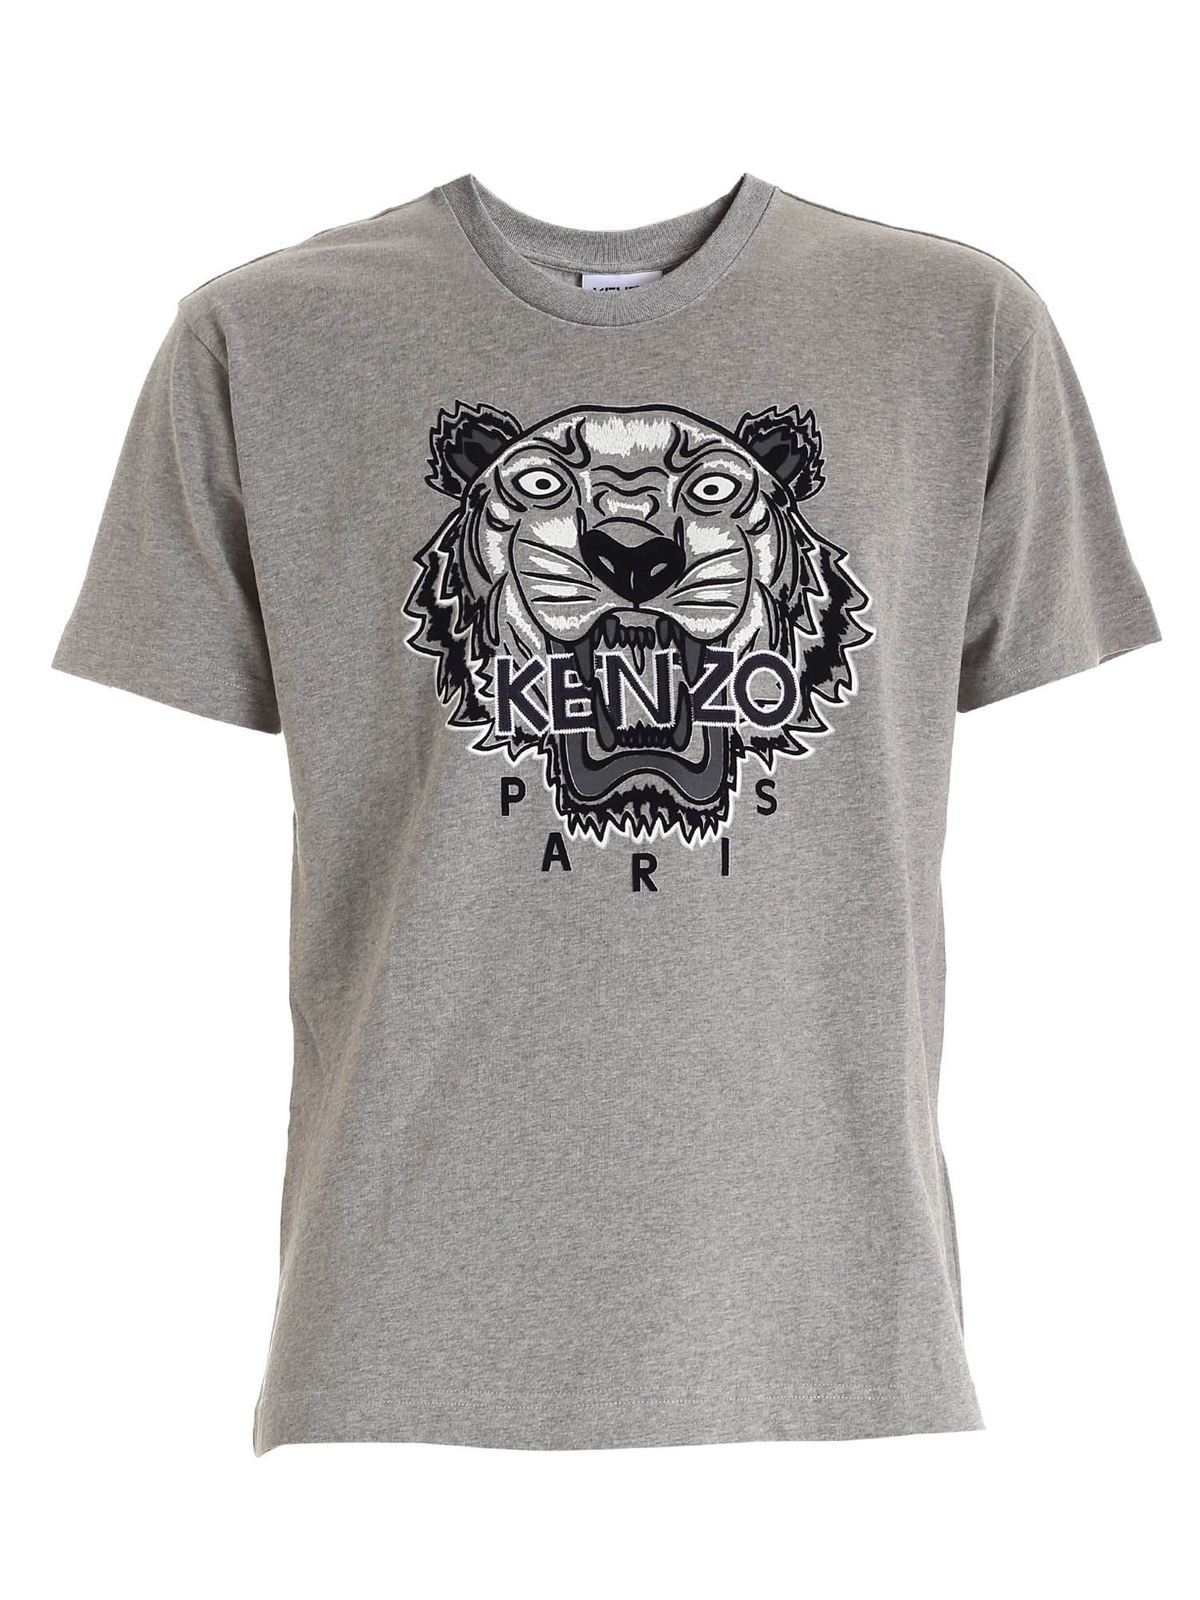 Kenzo VARSITY TIGER T-SHIRT IN GREY